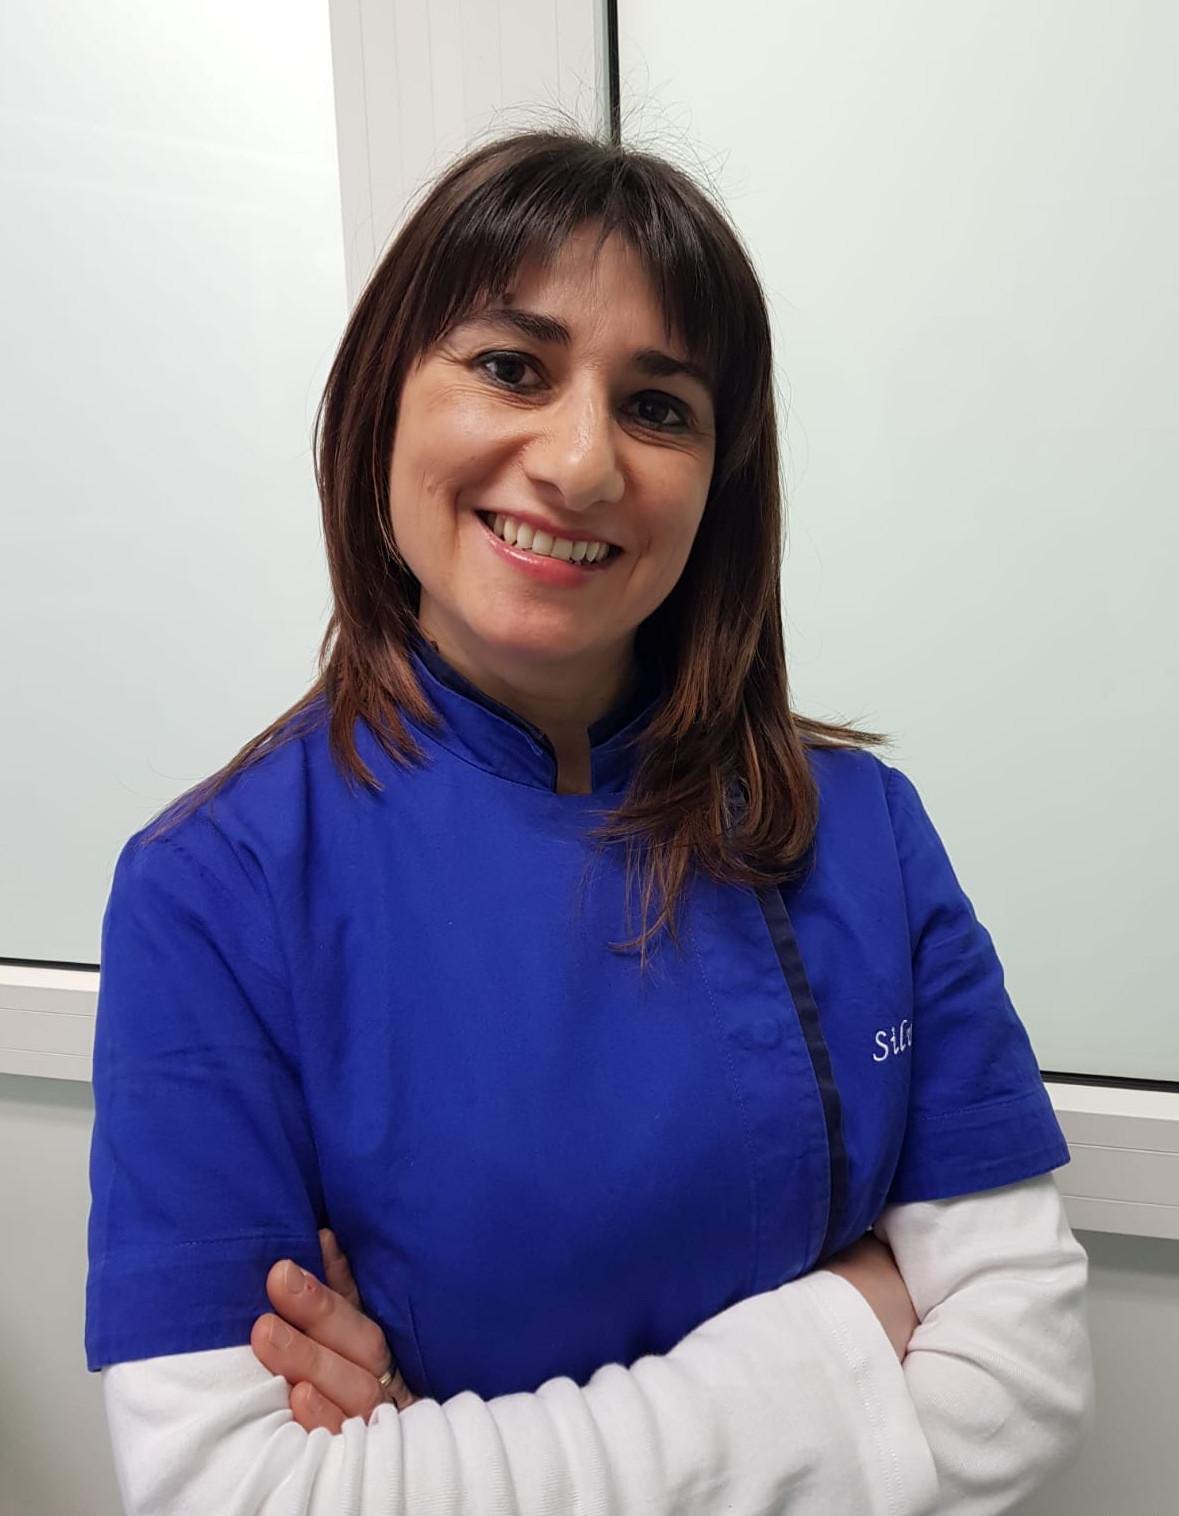 Silvia Pezzolo